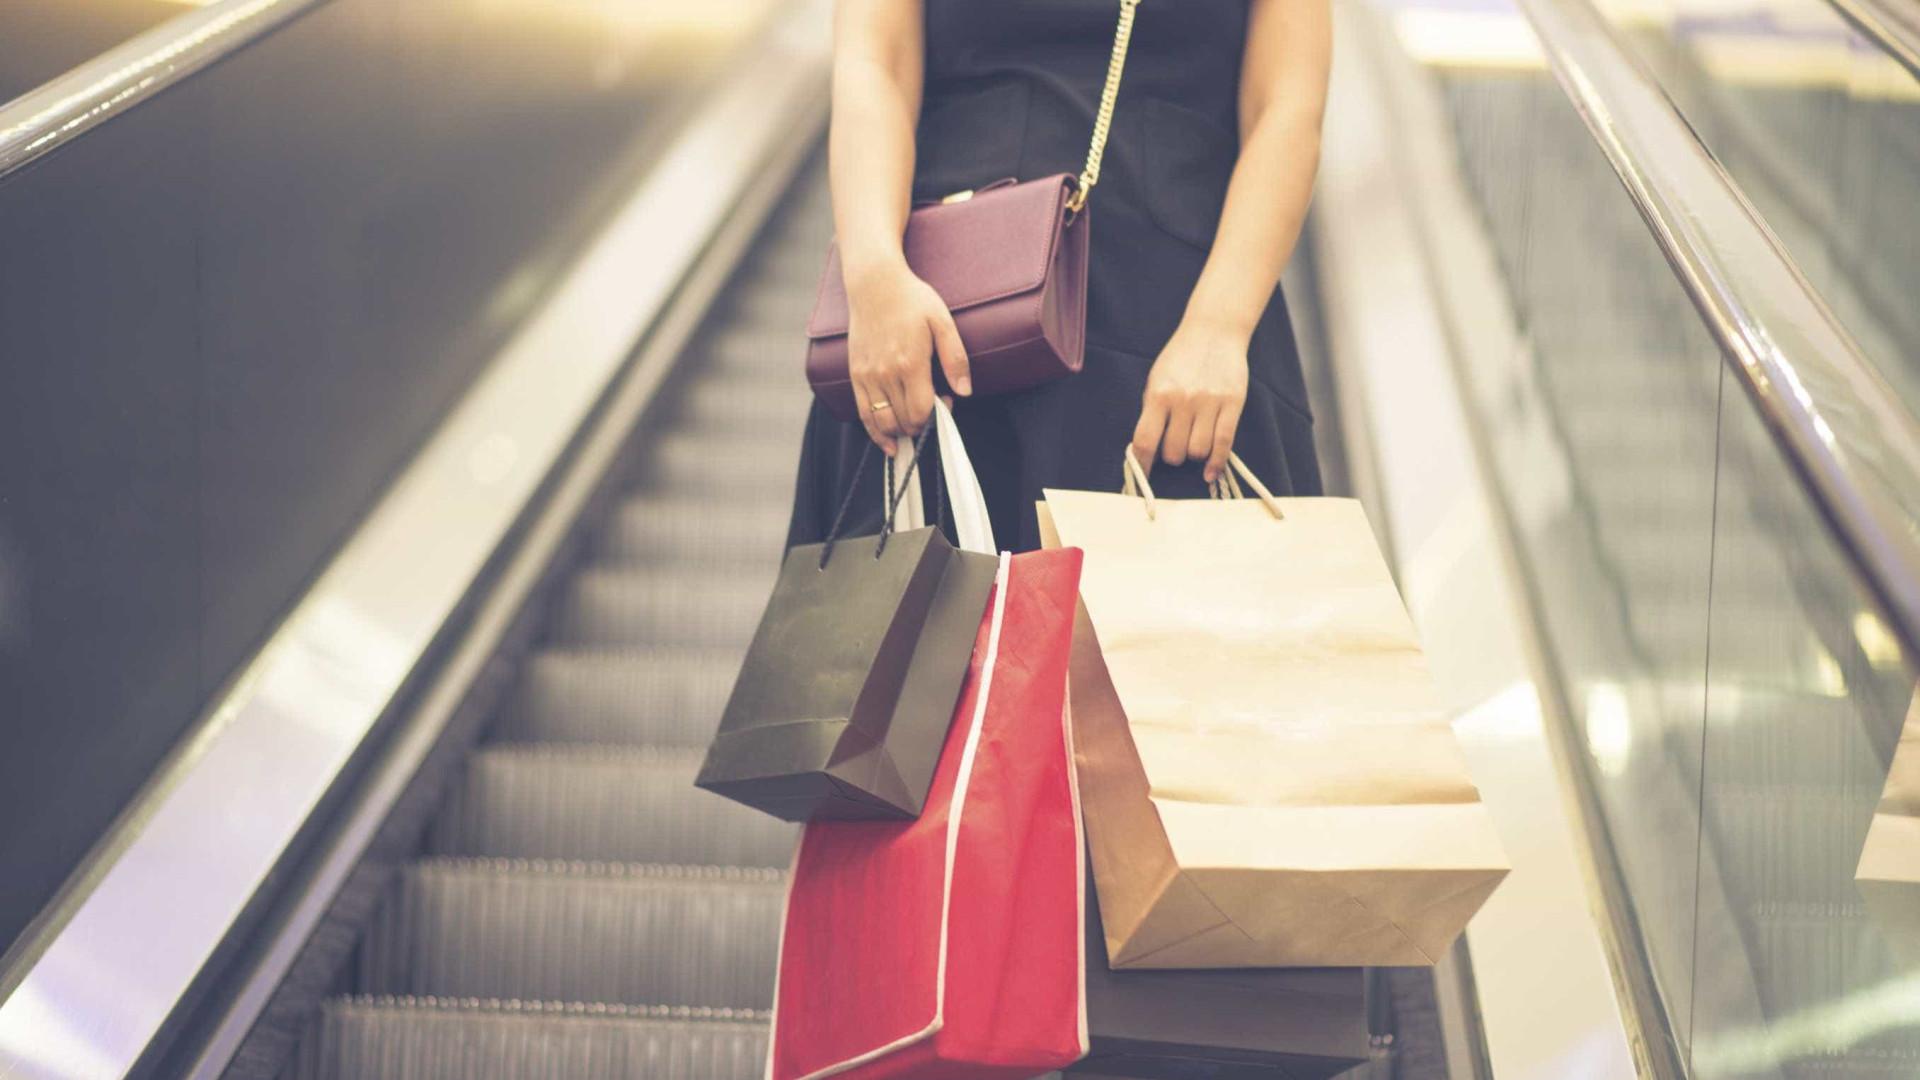 Vendas no retalho sobem 3,8% no primeiro semestre